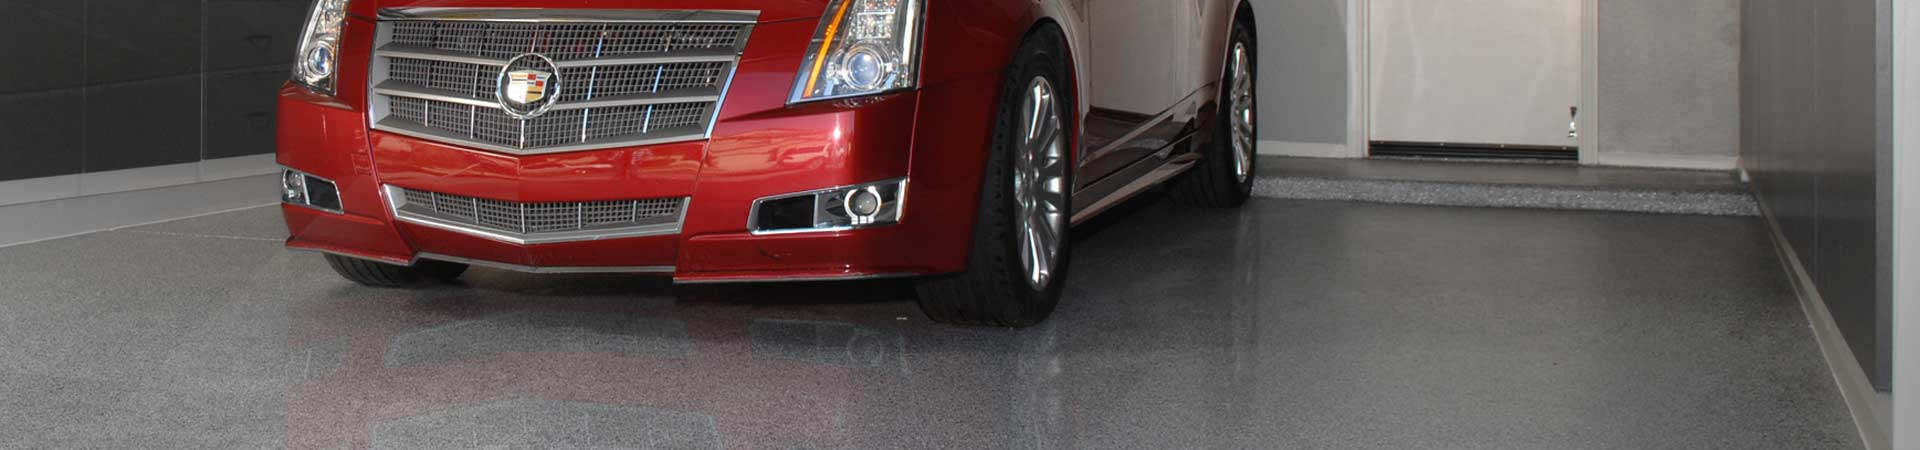 New Garage Floor Coating NJ